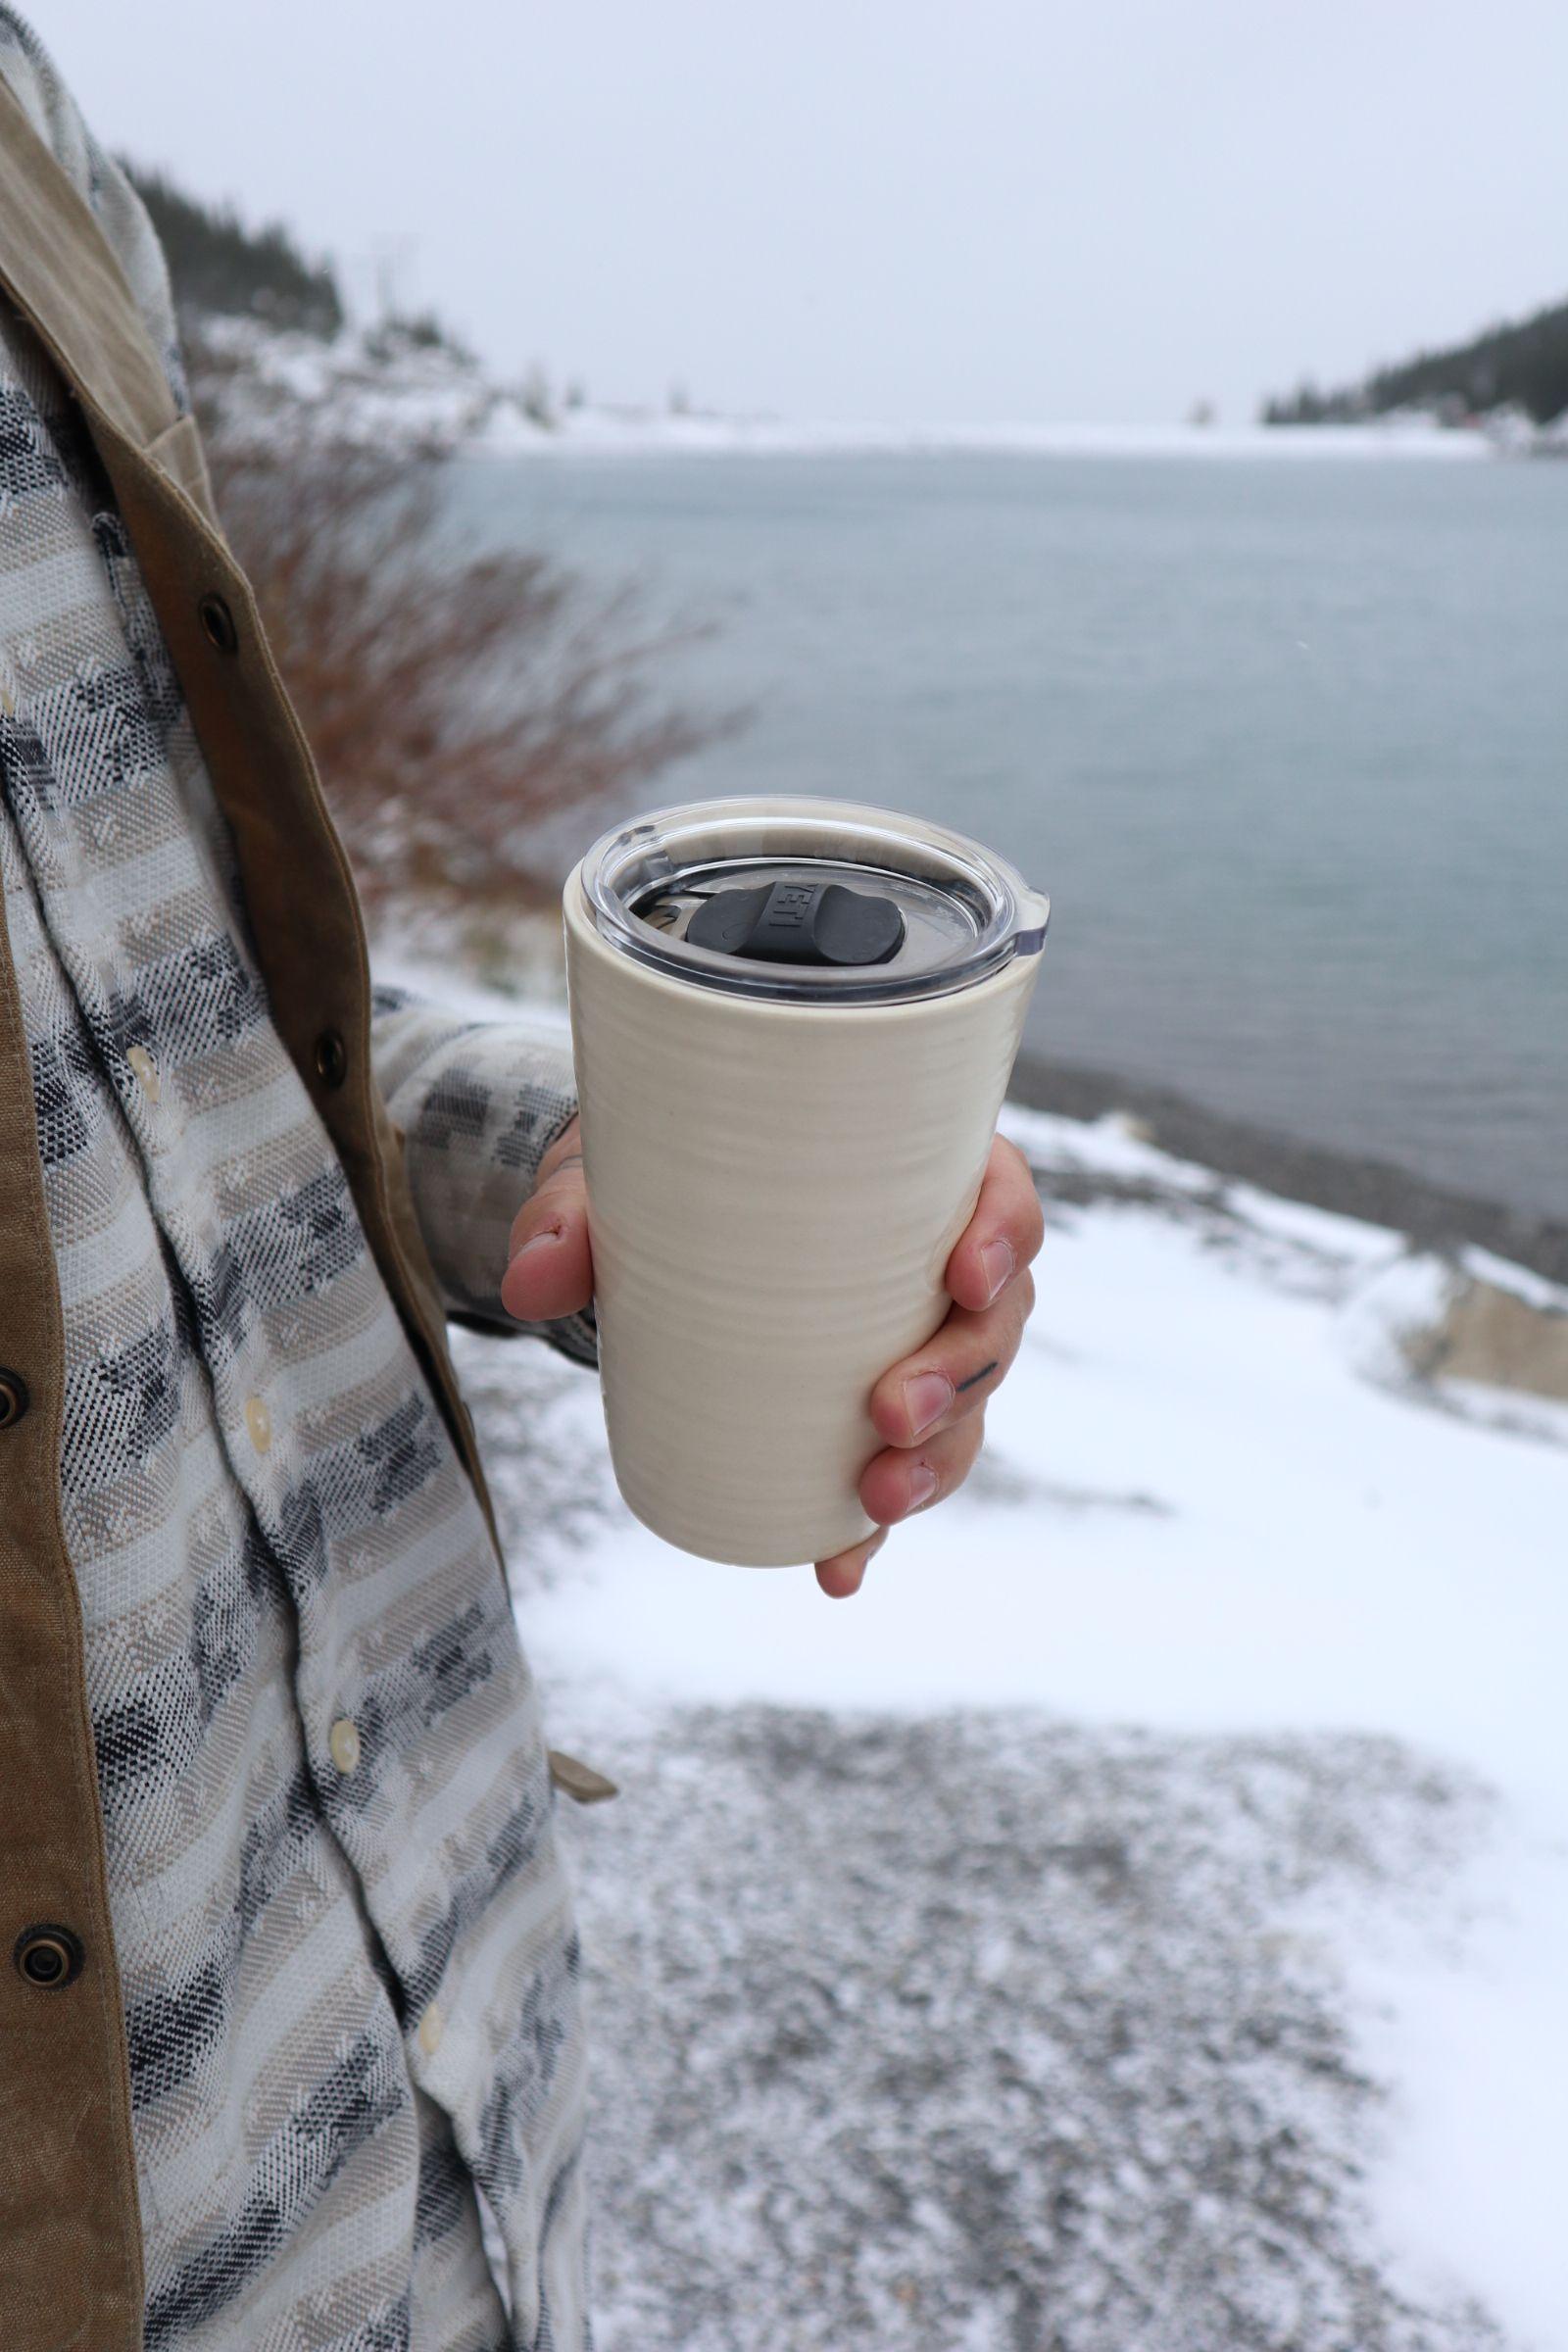 Yeti Lid Ceramic Travel Mug Ceramics, Teal mugs, Mugs